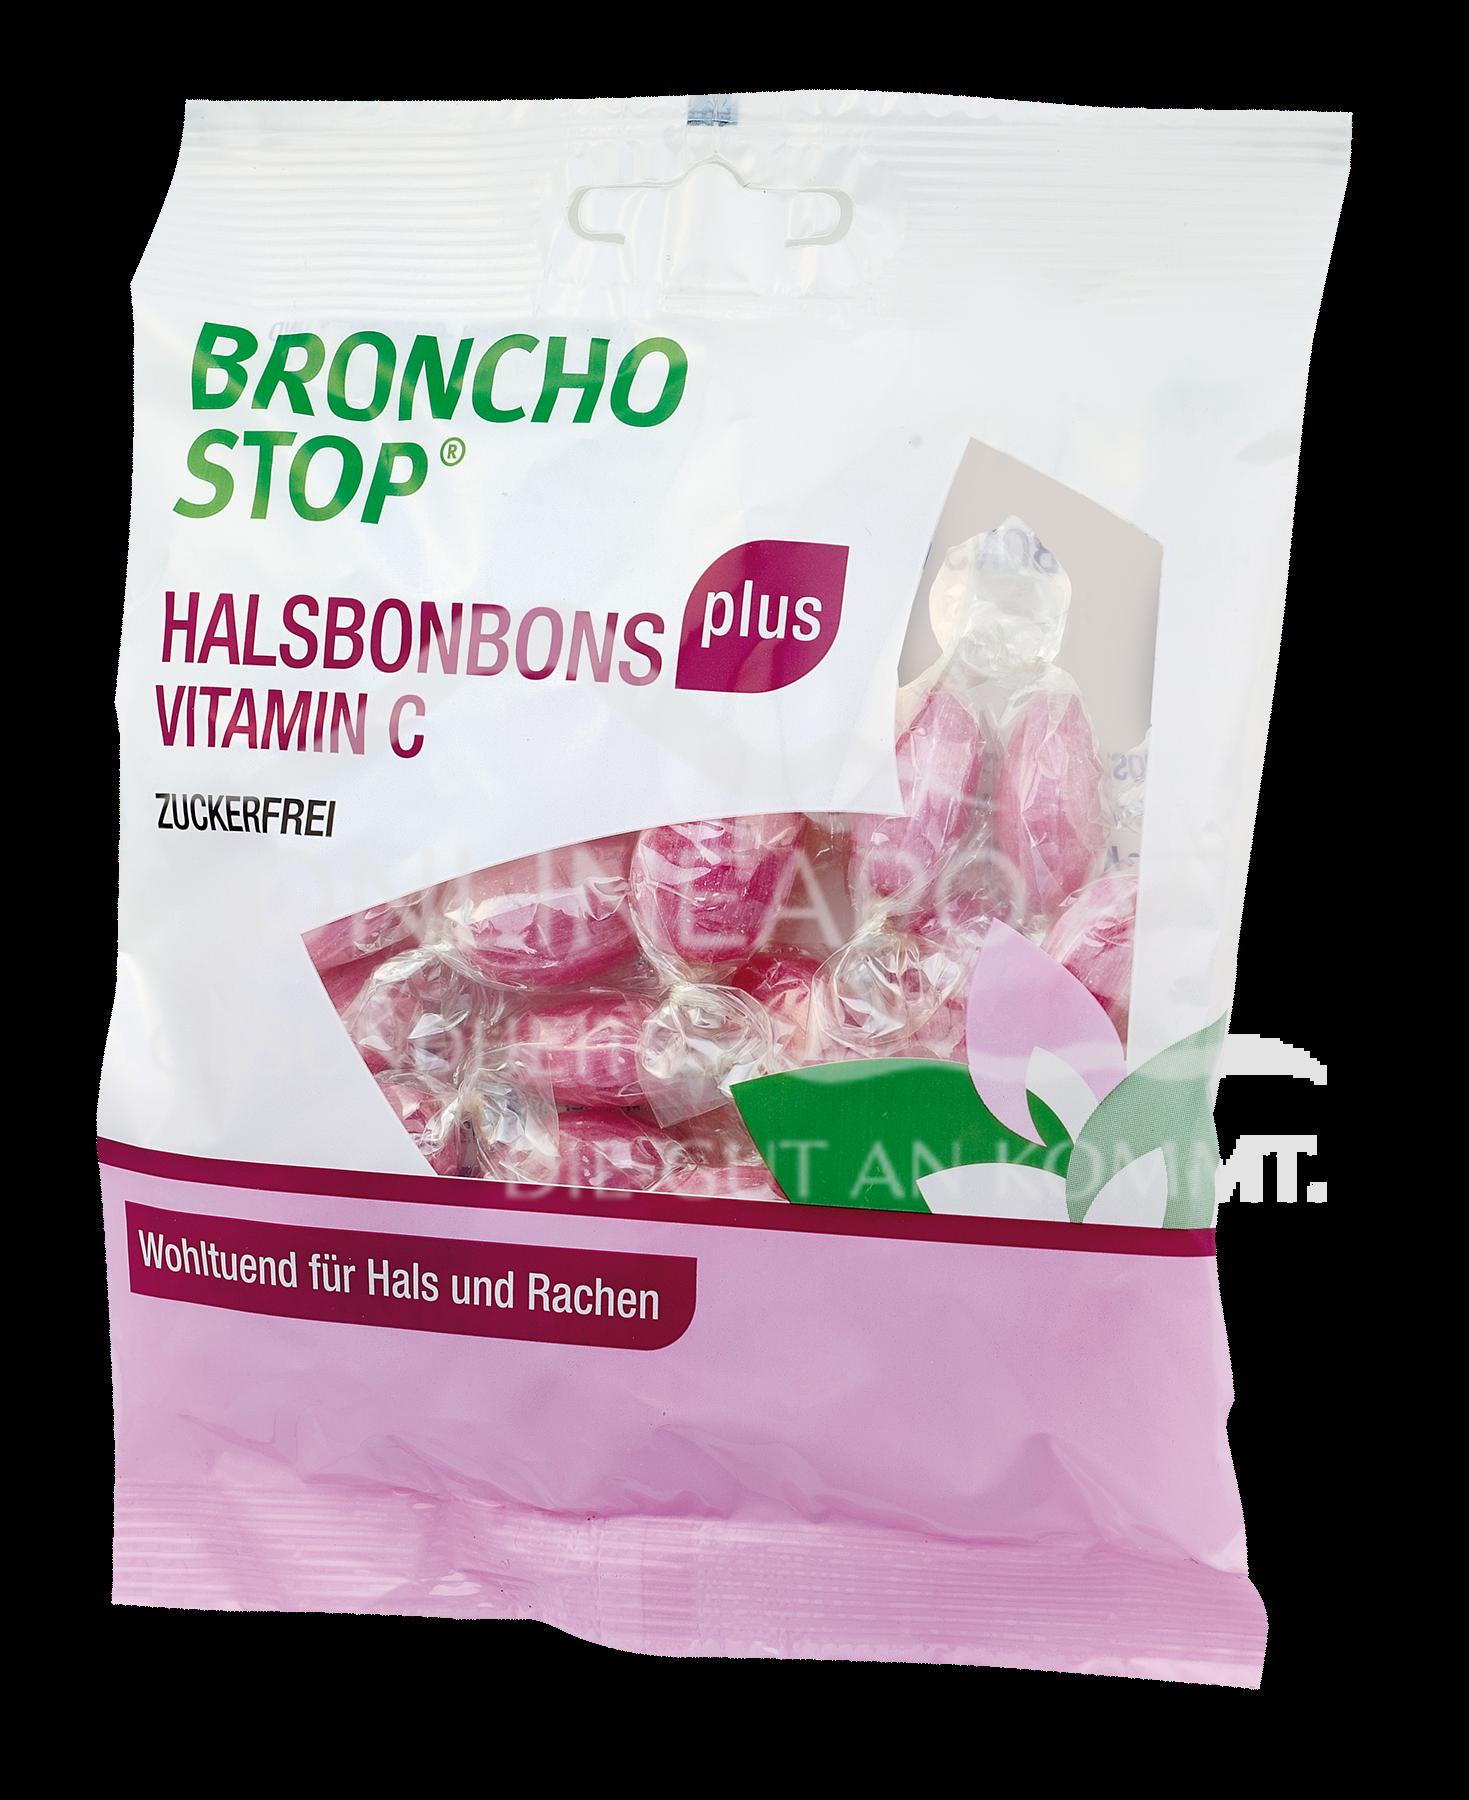 BRONCHOSTOP® plus Halsbonbons